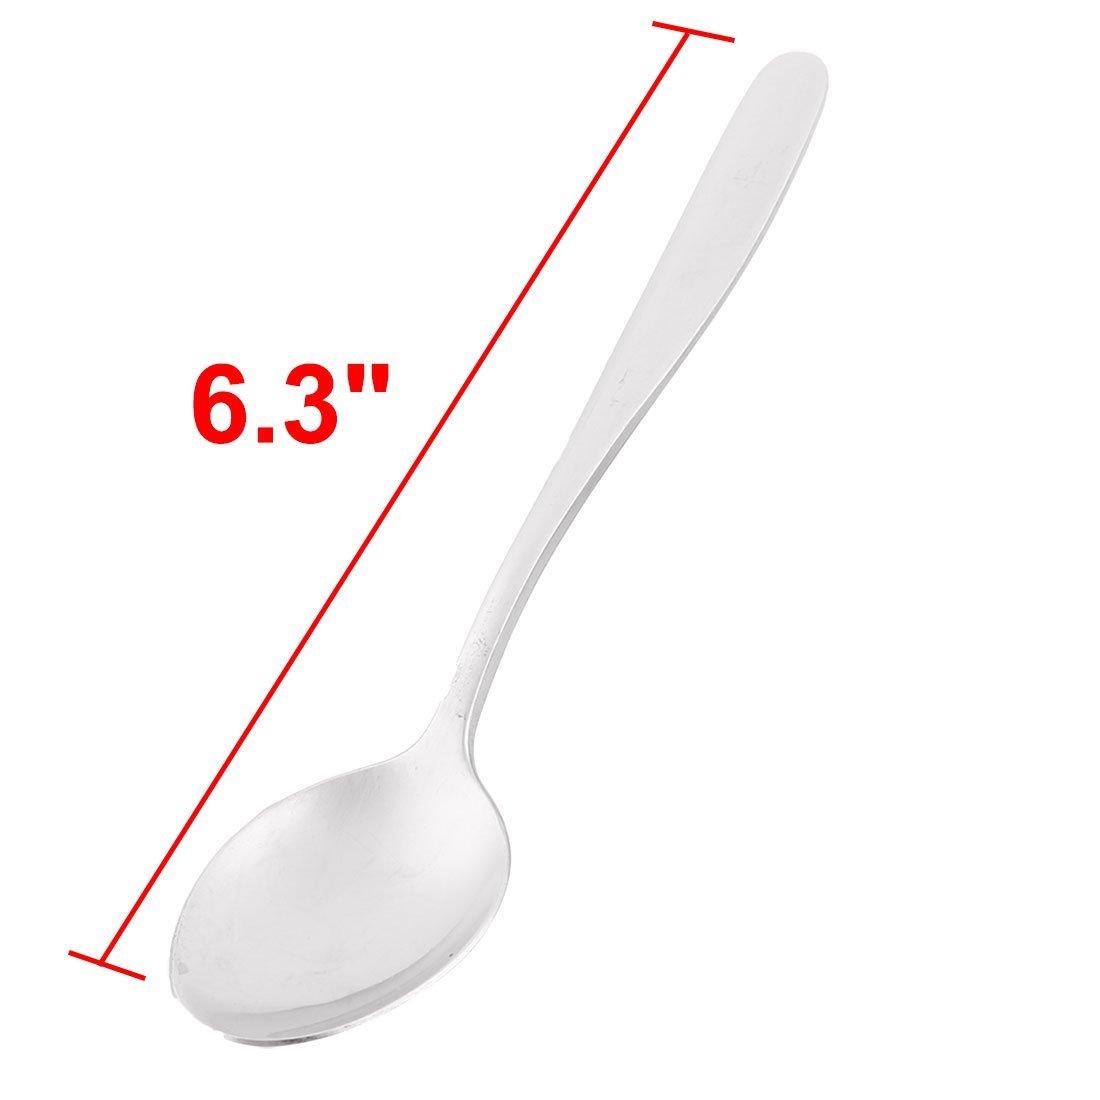 Amazon.com: eDealMax Hong Han autorizado de la cocina casera Postre del pudín de sopa de arroz con leche cuchara cucharada: Kitchen & Dining